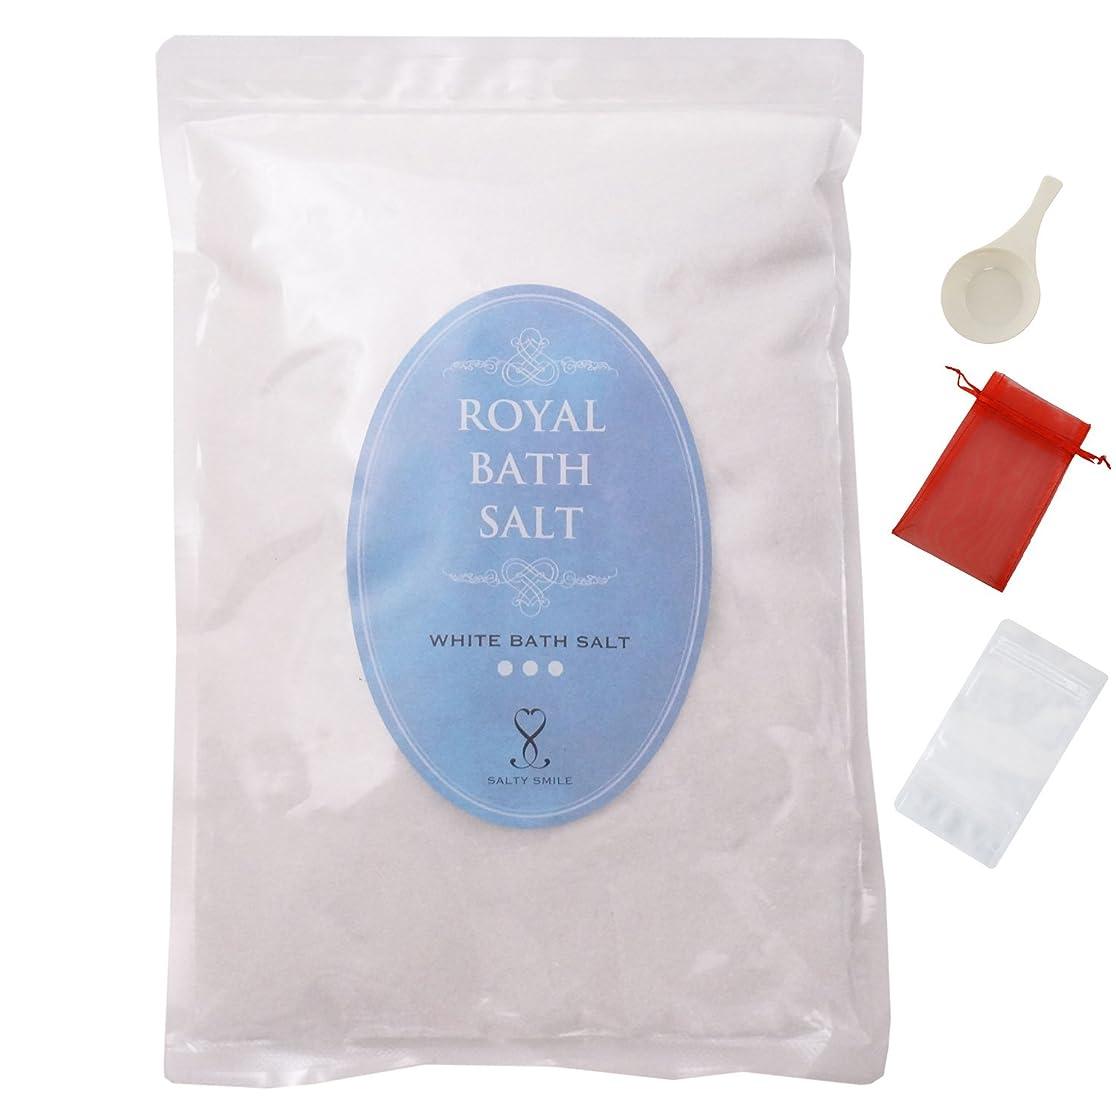 ハイライト感動するチャレンジロイヤル バスソルト ヒマラヤ岩塩 クリスタル ホワイト パウダー 細粒 ROYAL BATH SALT (1,000g【1㎏】)